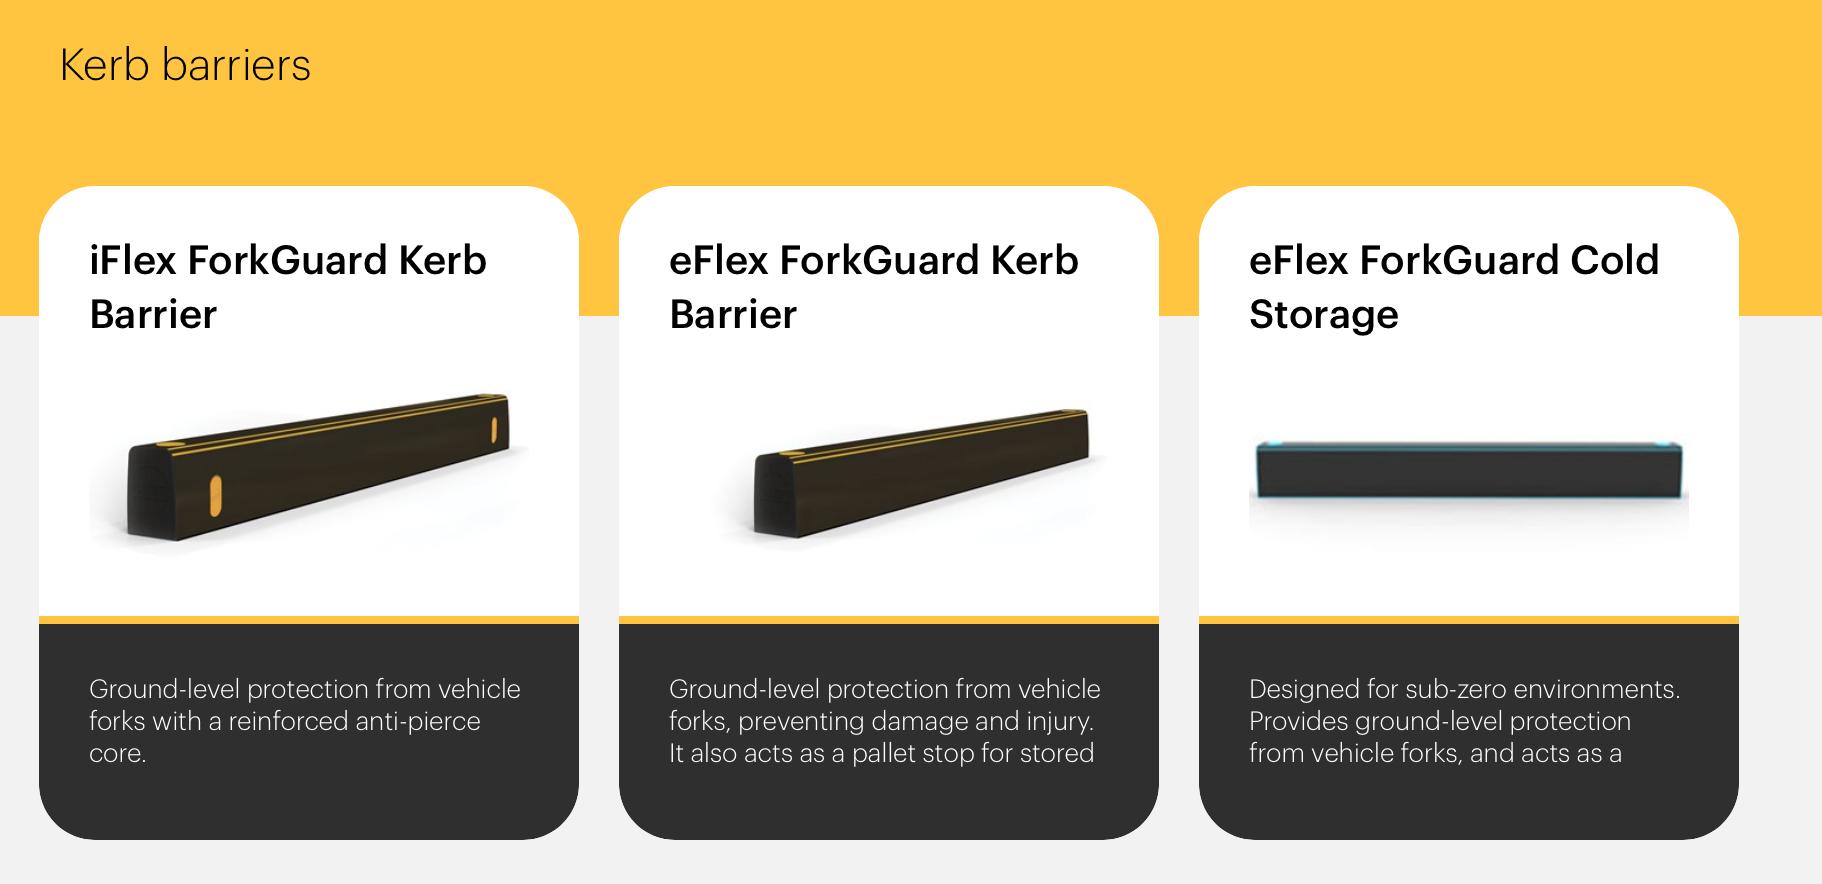 Rào chắn chống đâm xuyên khỏixe forklift iFlex ™ ForkGuard ™ Kerb Barrier